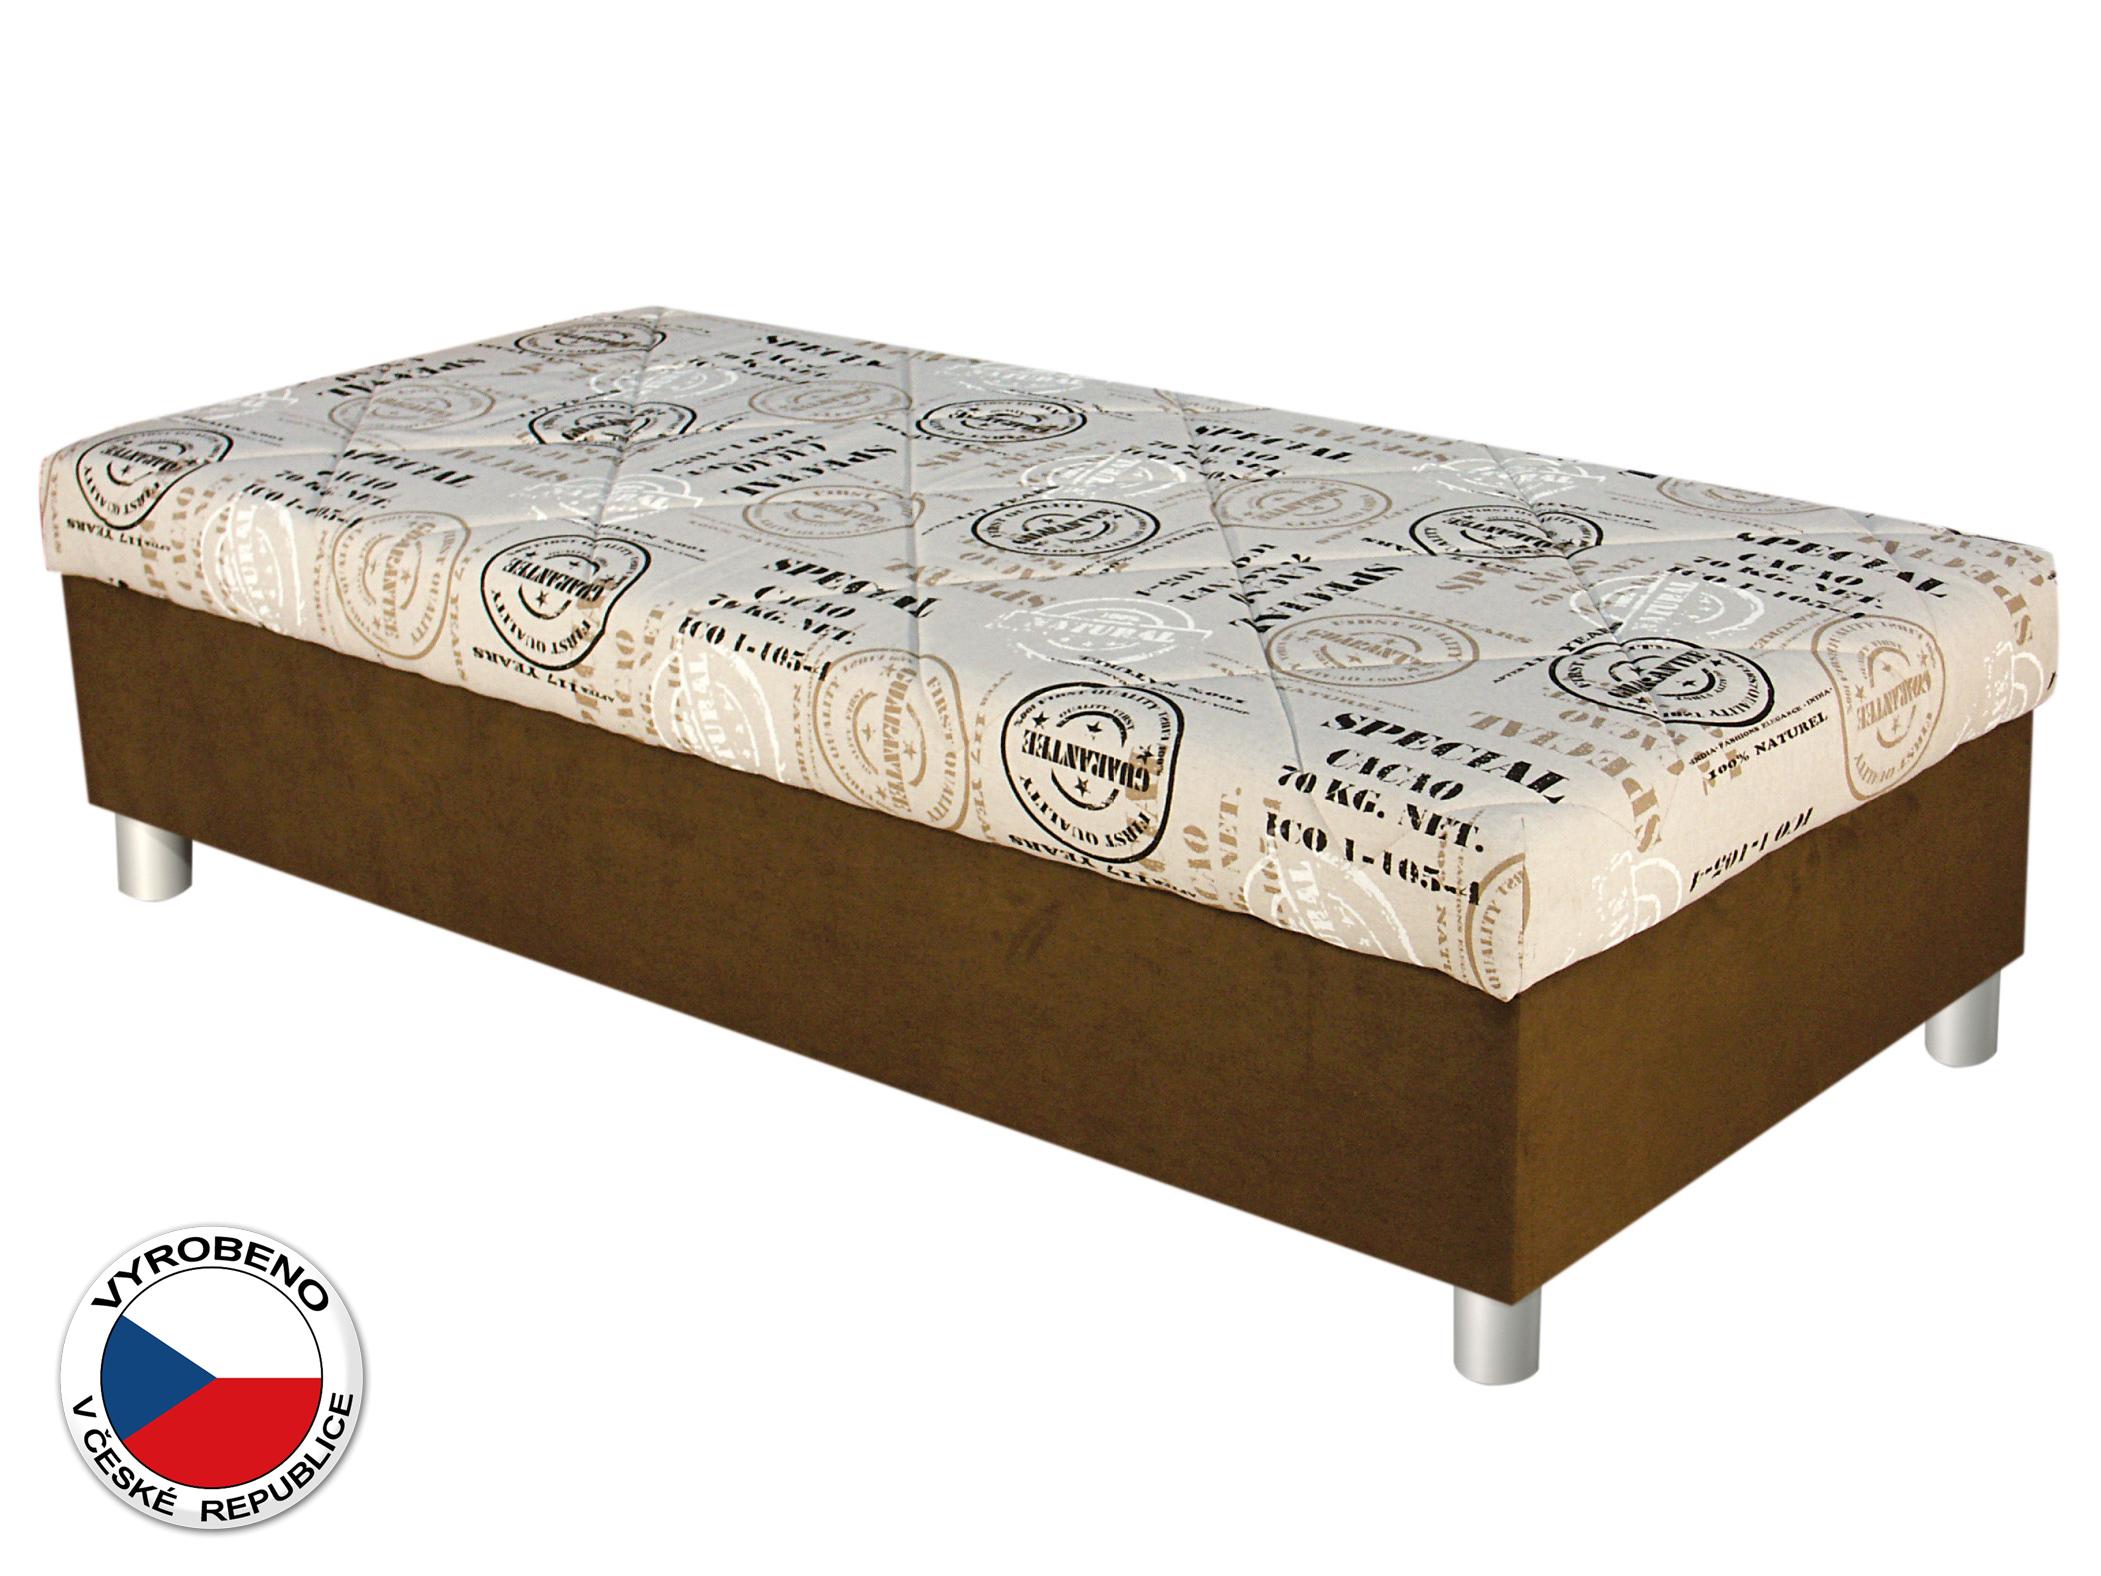 Jednolůžková postel (válenda) 90 cm - Blanář - Inez (béžová + hnědá) (s roštem a matrací)